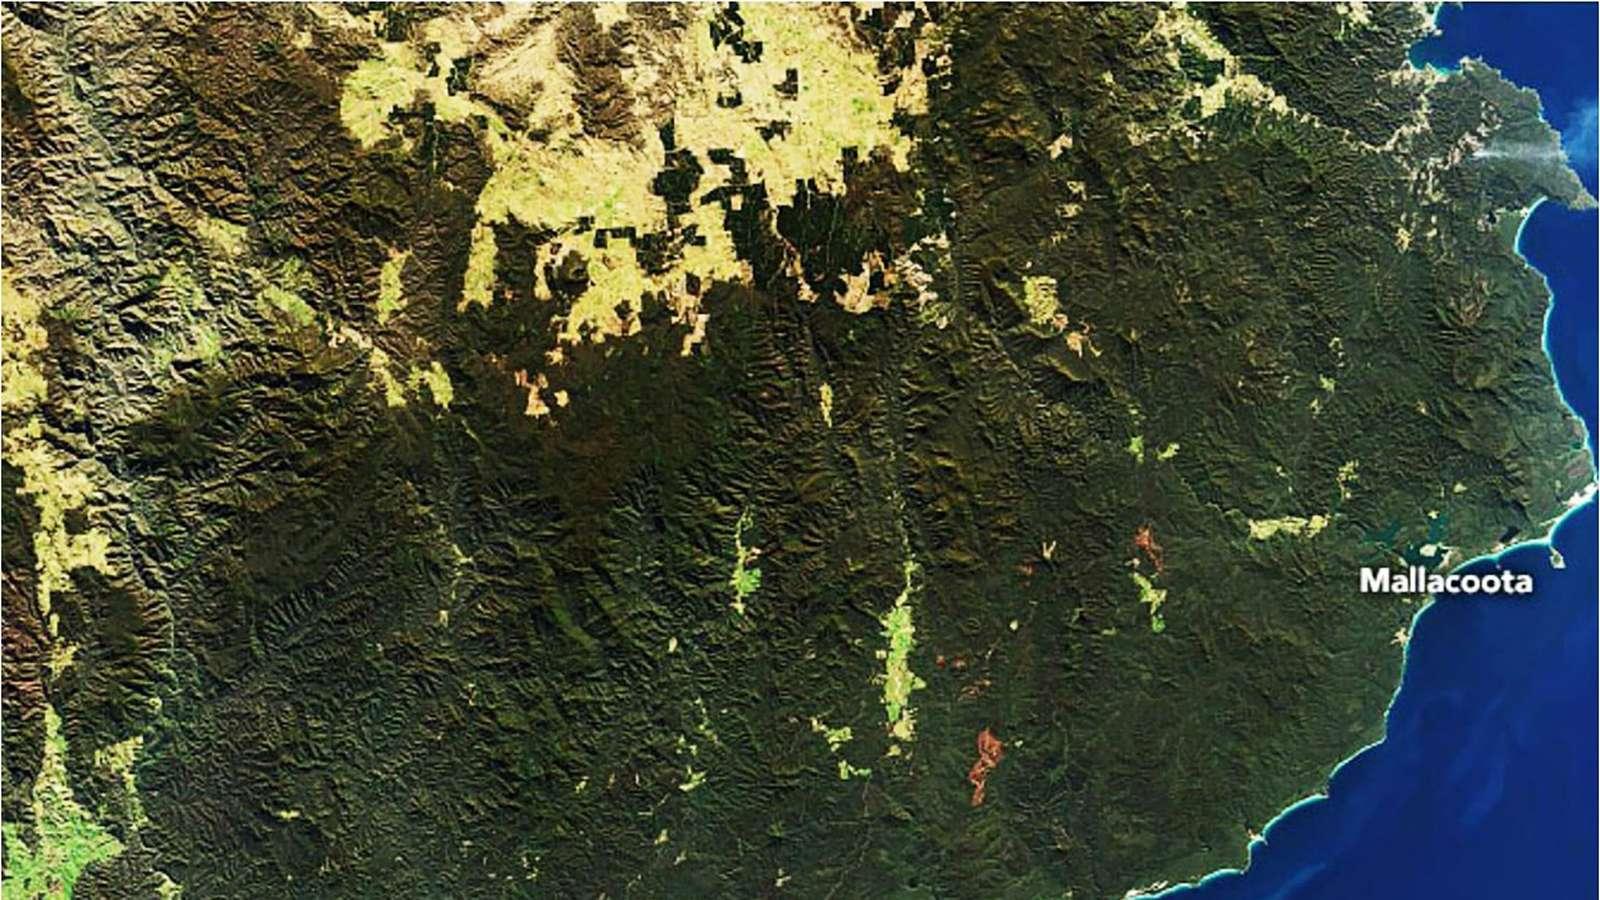 Satellittbilde fra romfartsorganisasjonen Nasa tatt av Sørøst-Australia 24. juli 2019.